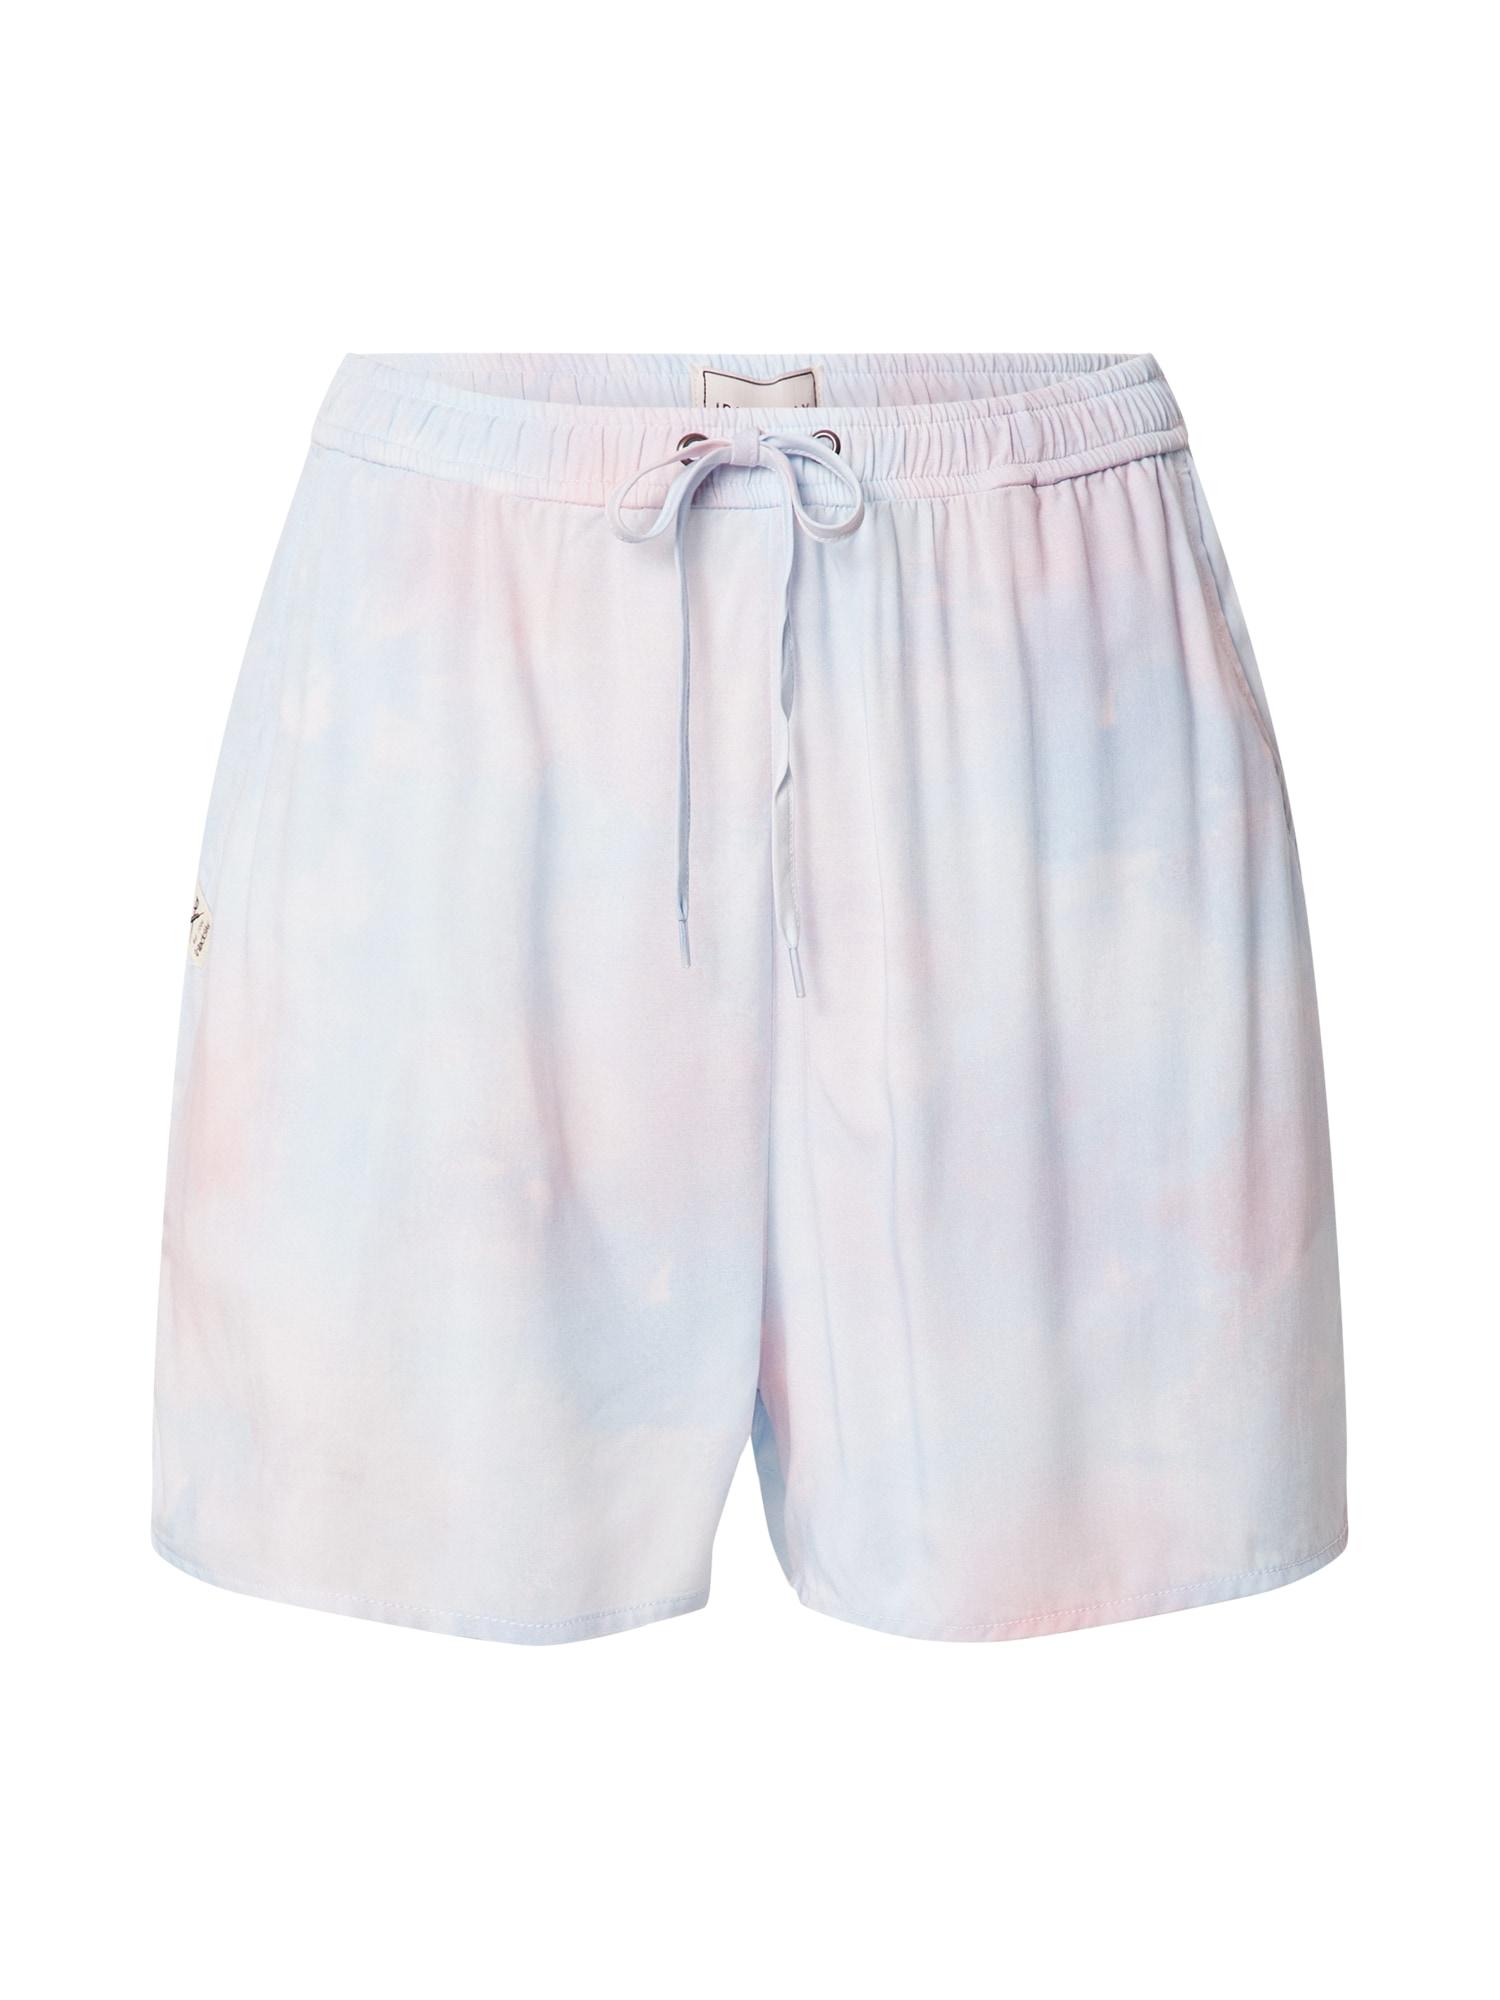 Iriedaily Kelnės ryškiai rožinė spalva / mėlyna